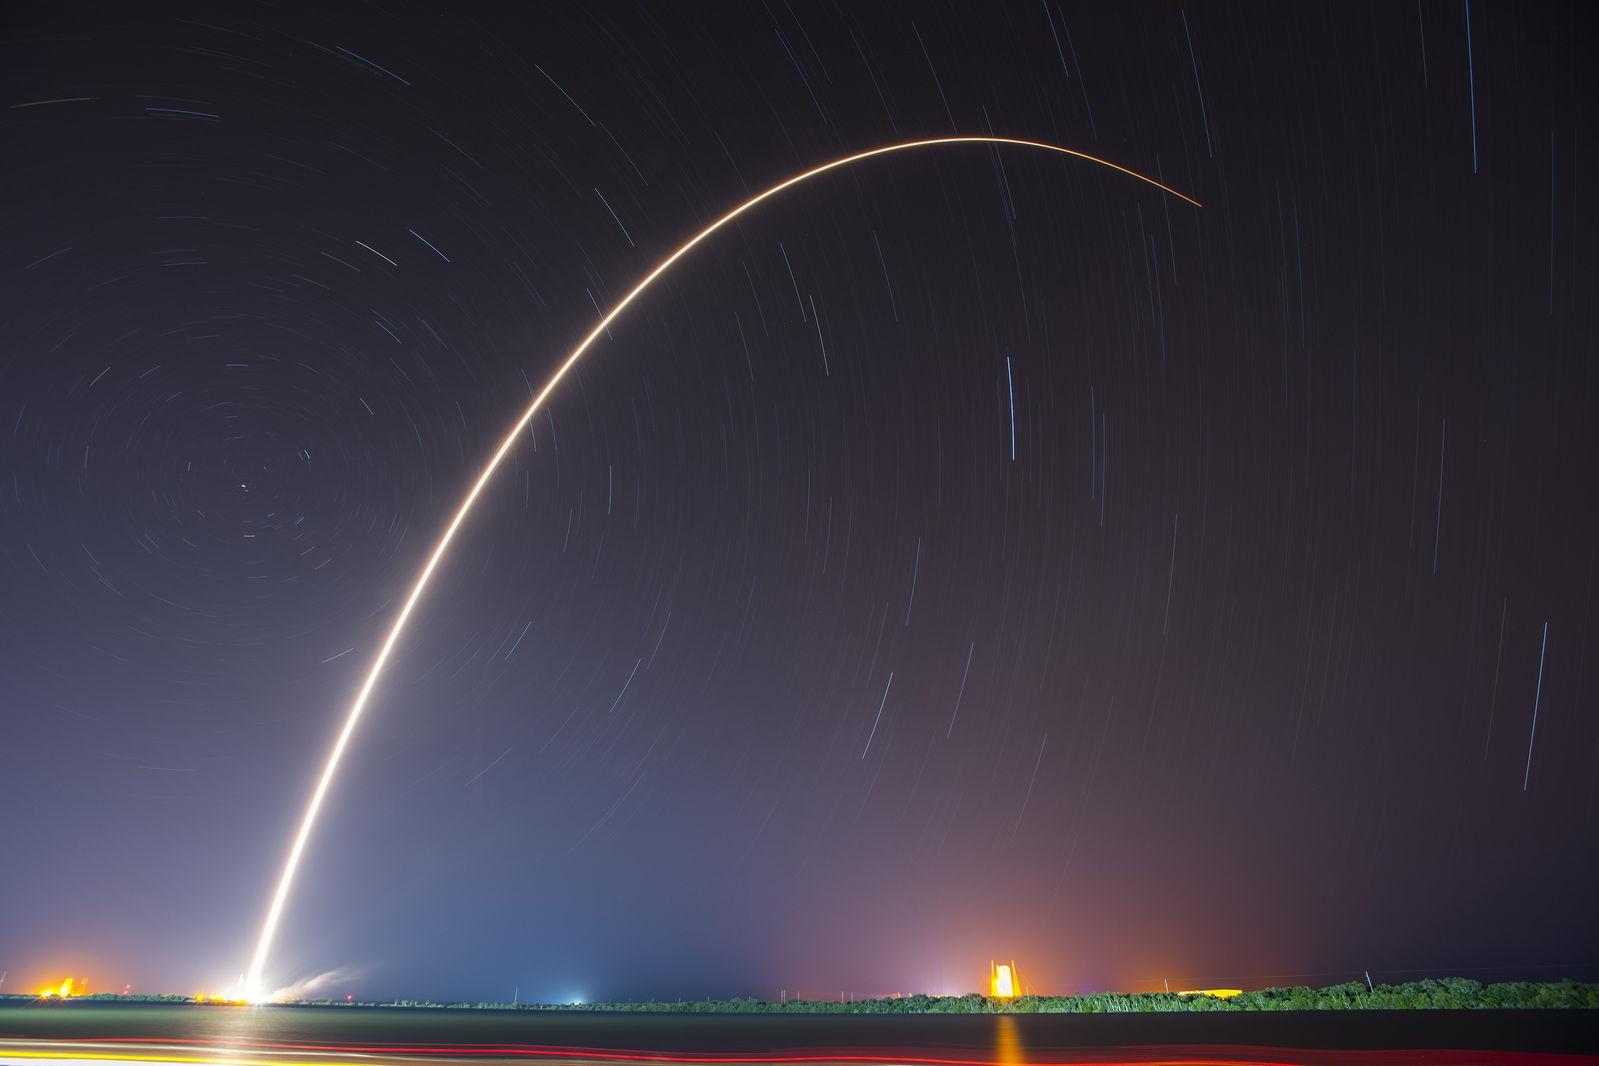 北斗三号IGSO-2卫星发射成功!北斗三号IGSO-2卫星发射成功!